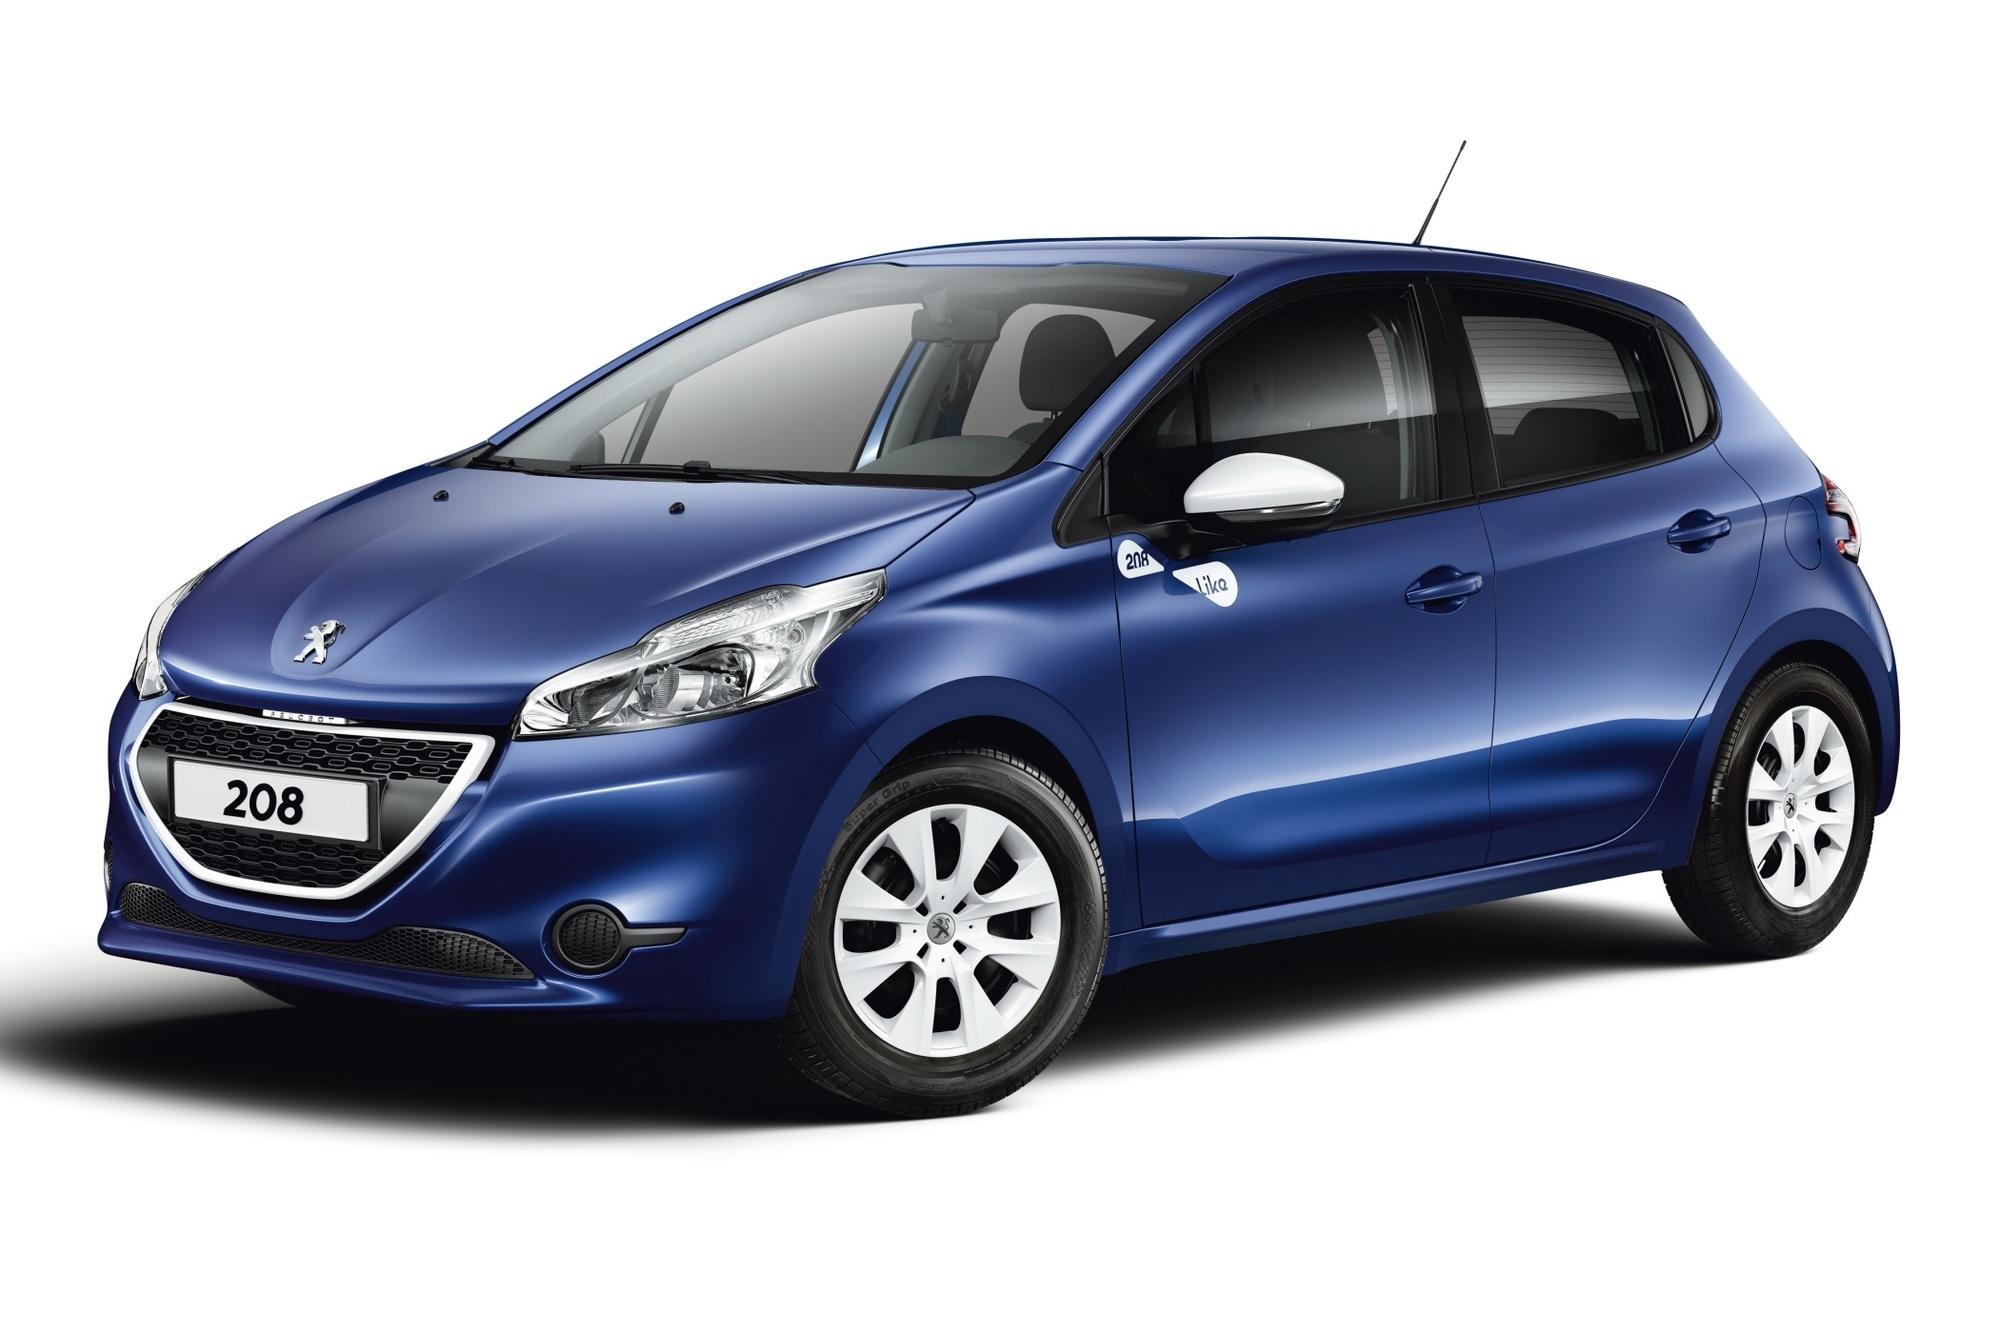 Sonderedition des Peugeot 208 - Daumen hoch